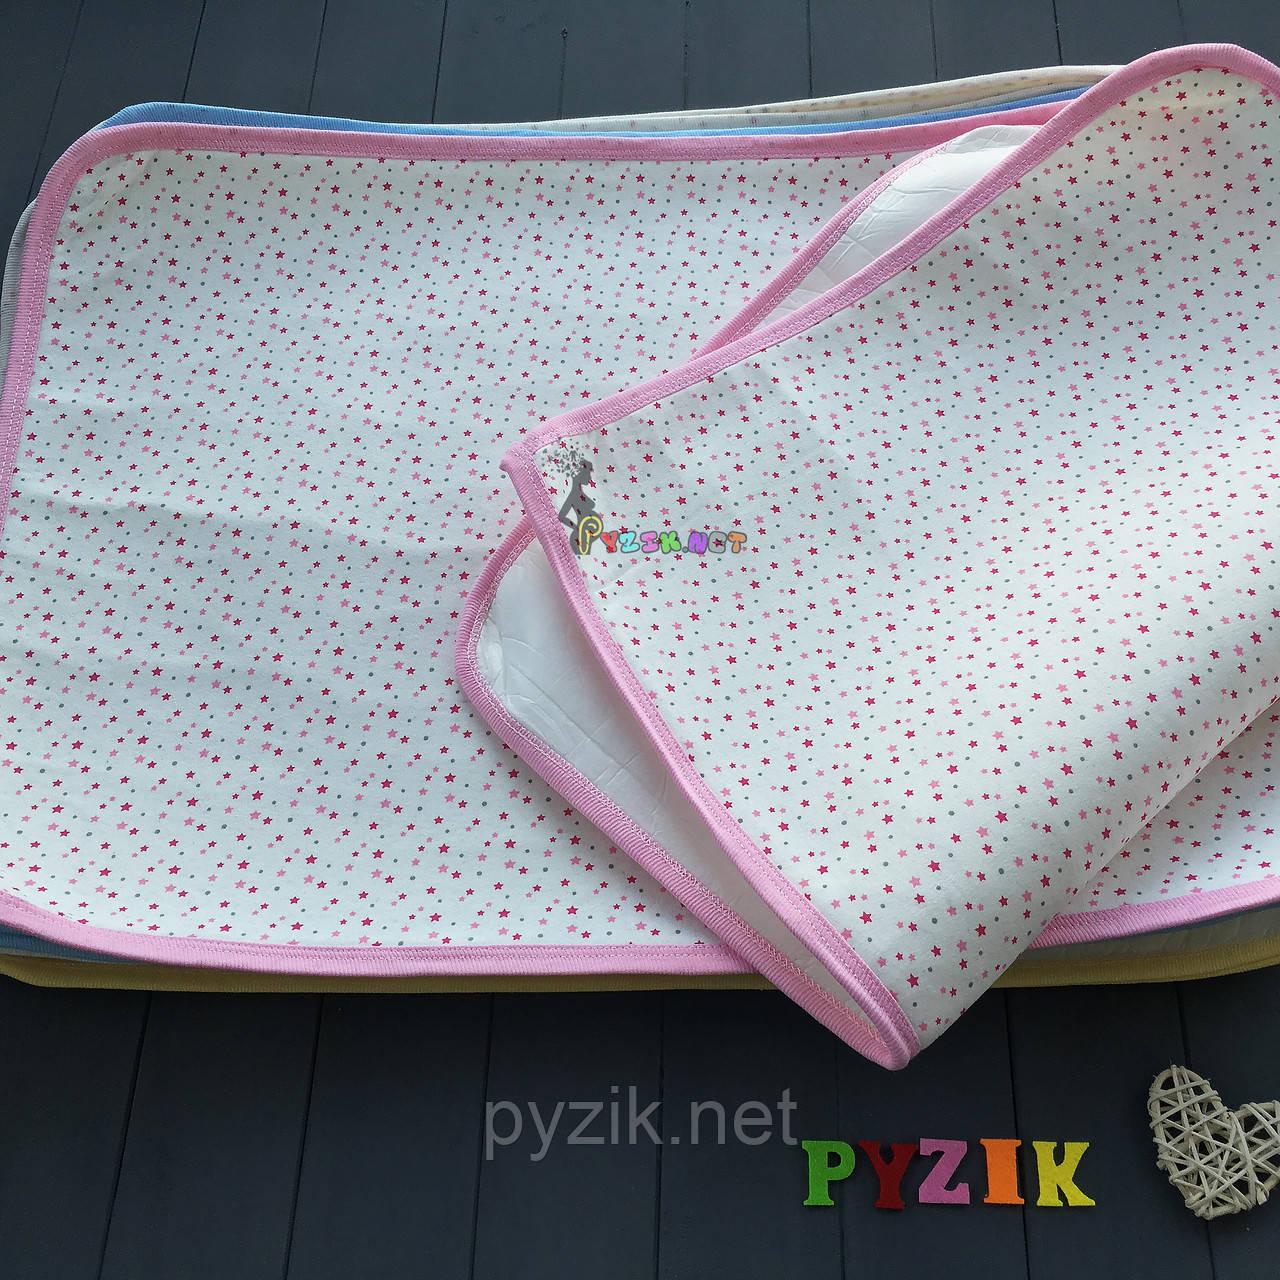 Пеленка-клеенка непромокаемая многоразовая розовая